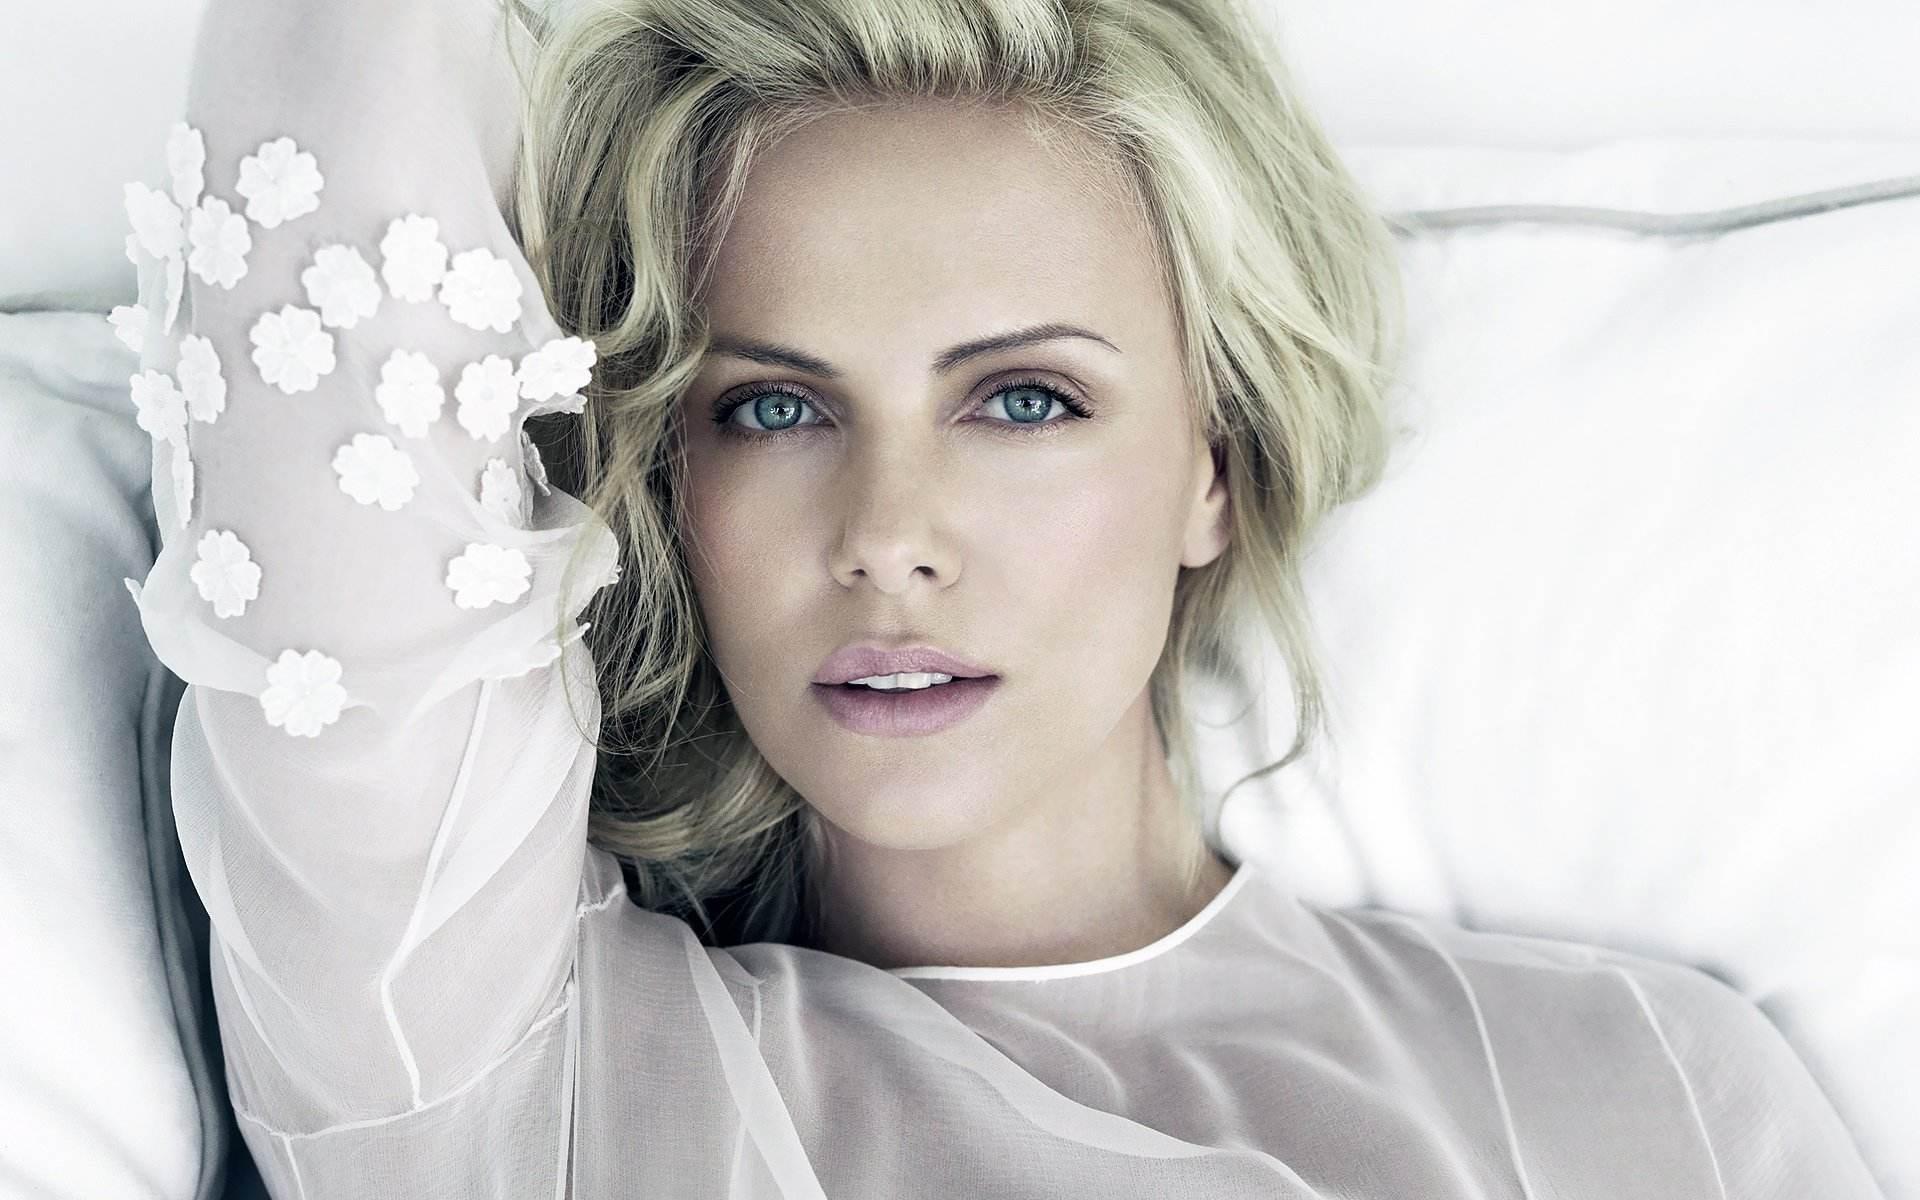 اجمل اطلالات تشارليز ثيرون من توقيع ديور Dior